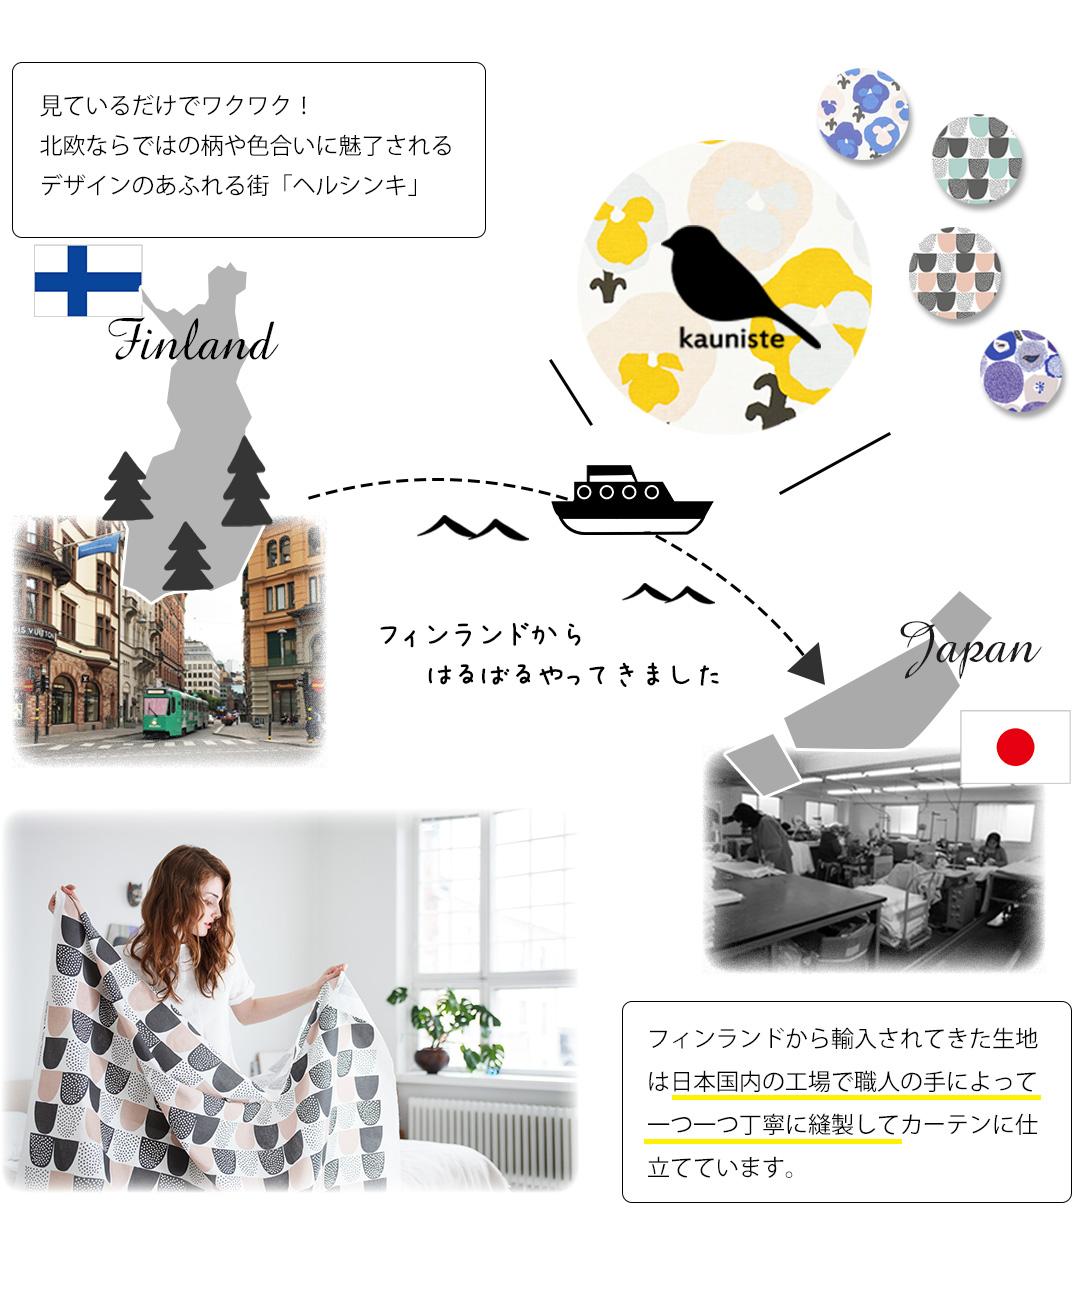 フィンランドからはるばる輸入した生地を日本で丁寧に縫製してカーテンに仕立てています